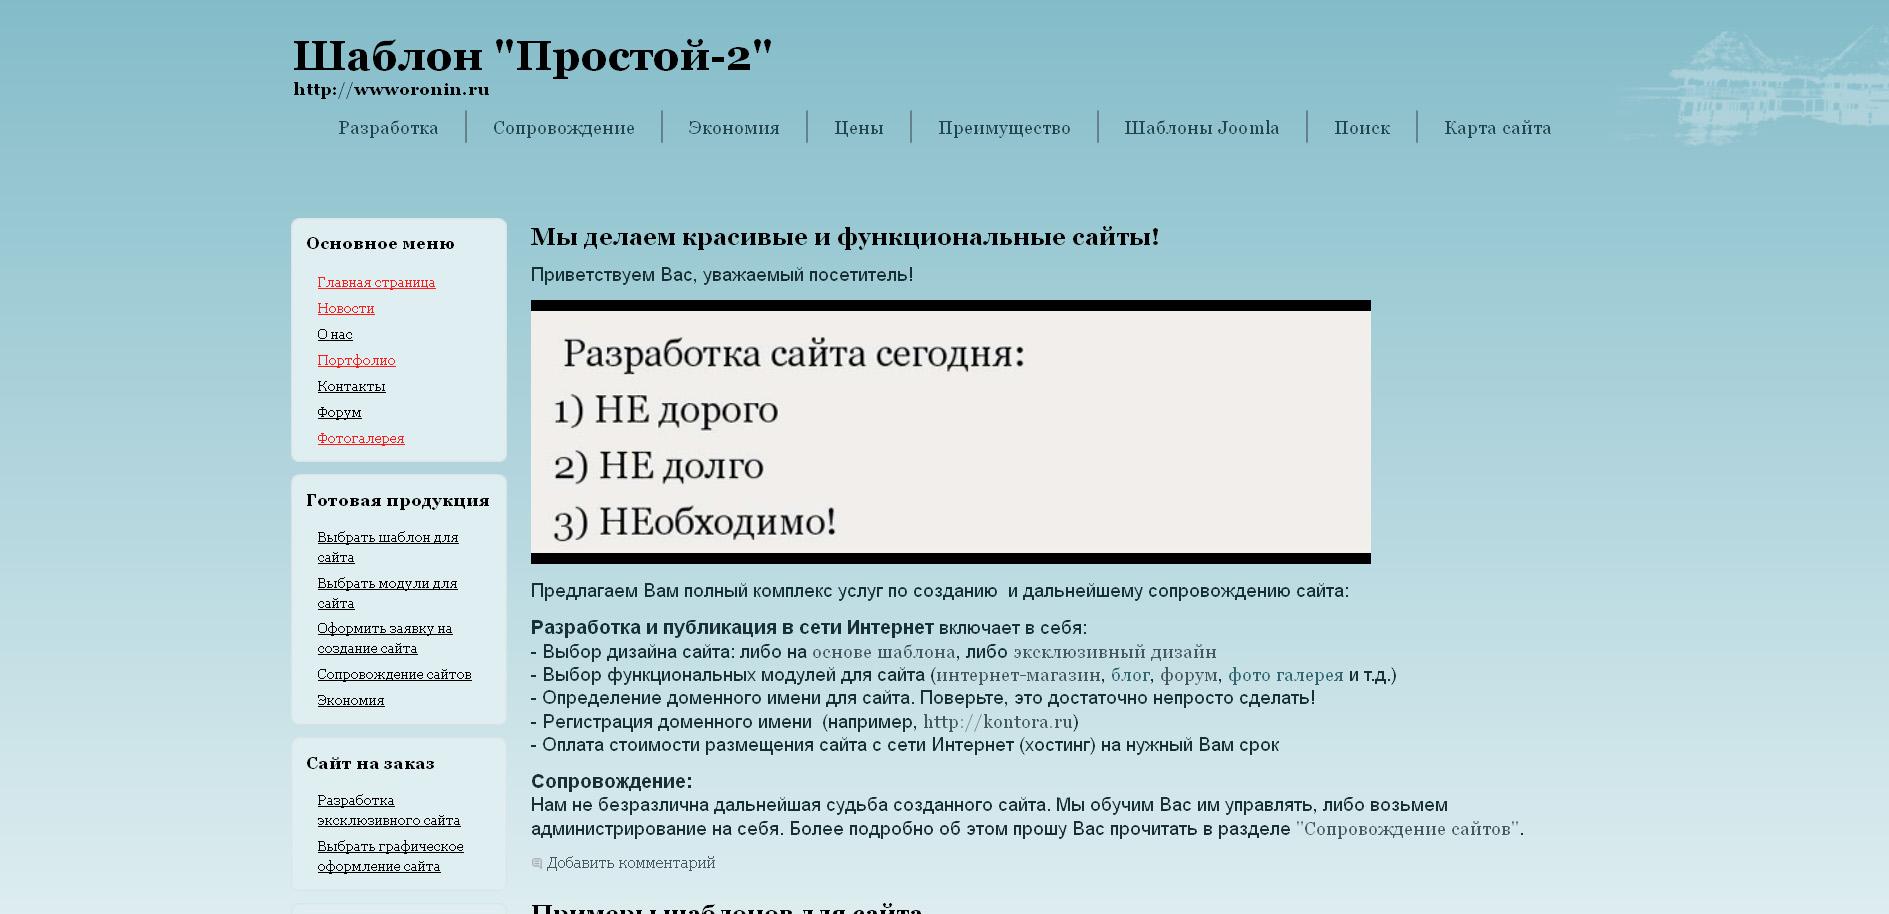 Шаблон «Простой-2»